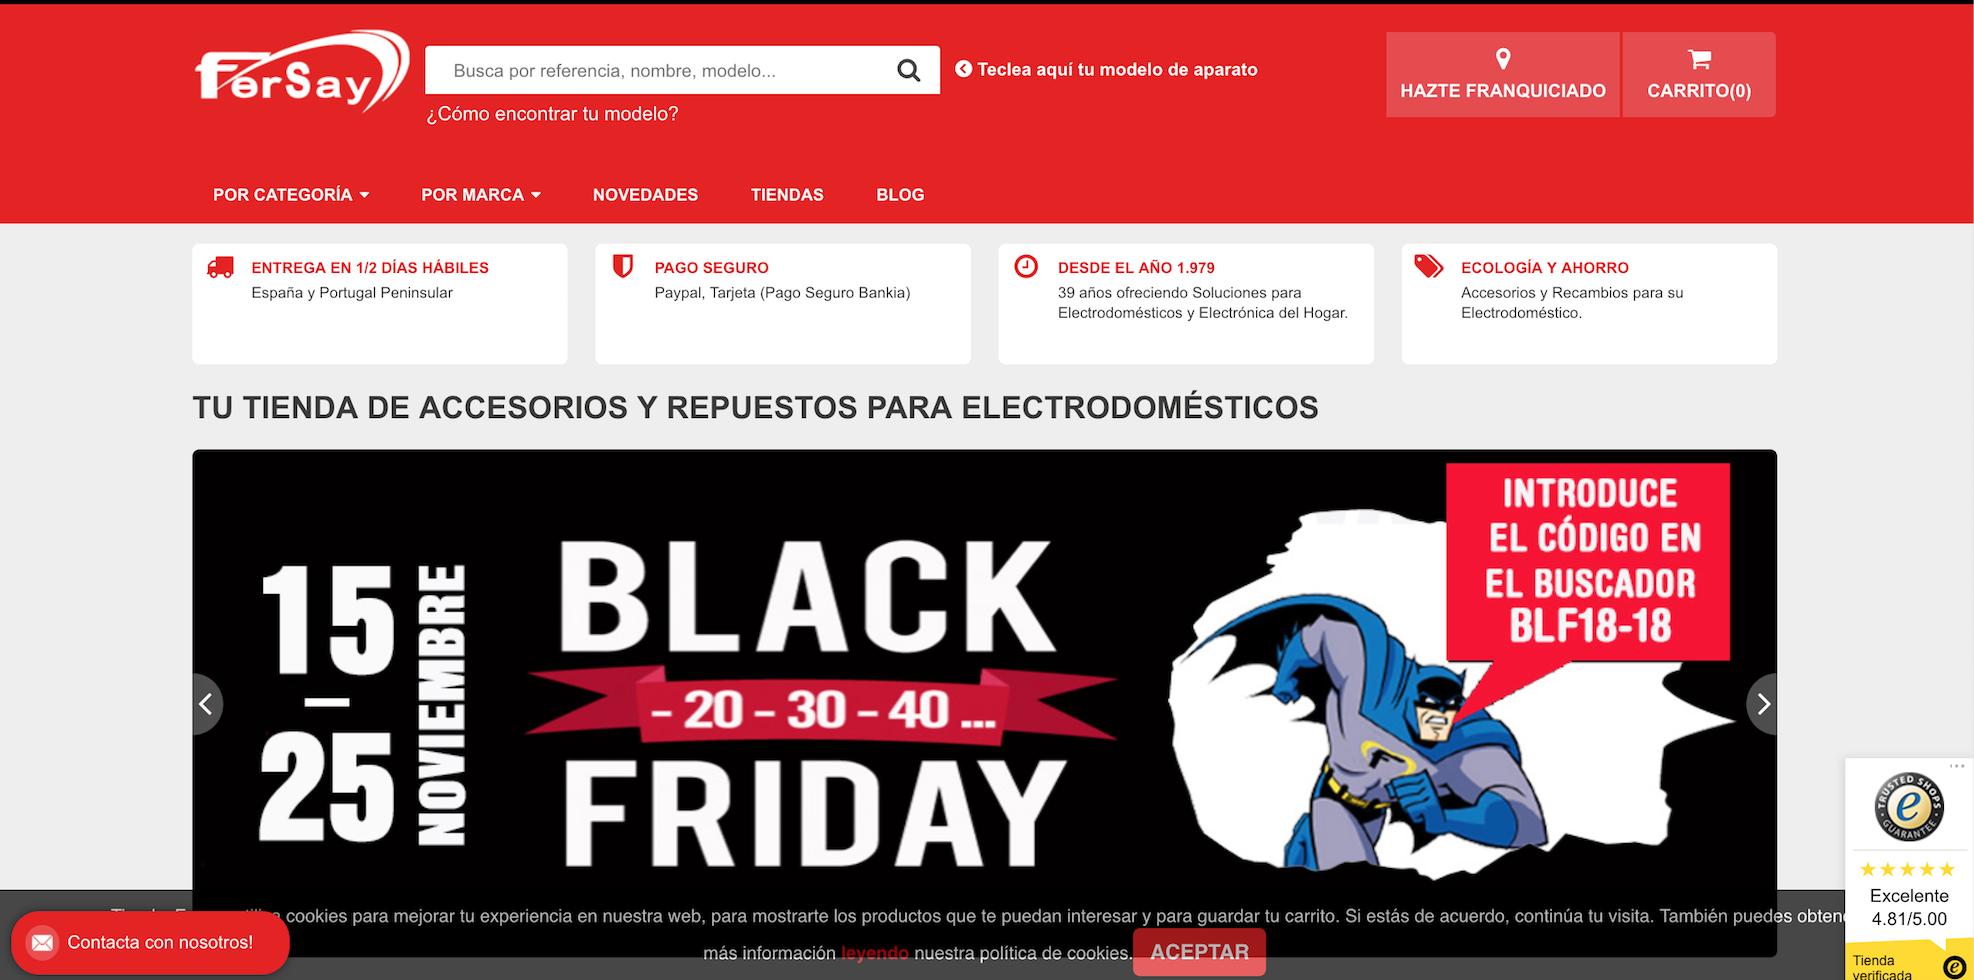 alt - https://static.comunicae.com/photos/notas/1199946/1542364249_Black_Friday_en_Fersay.png